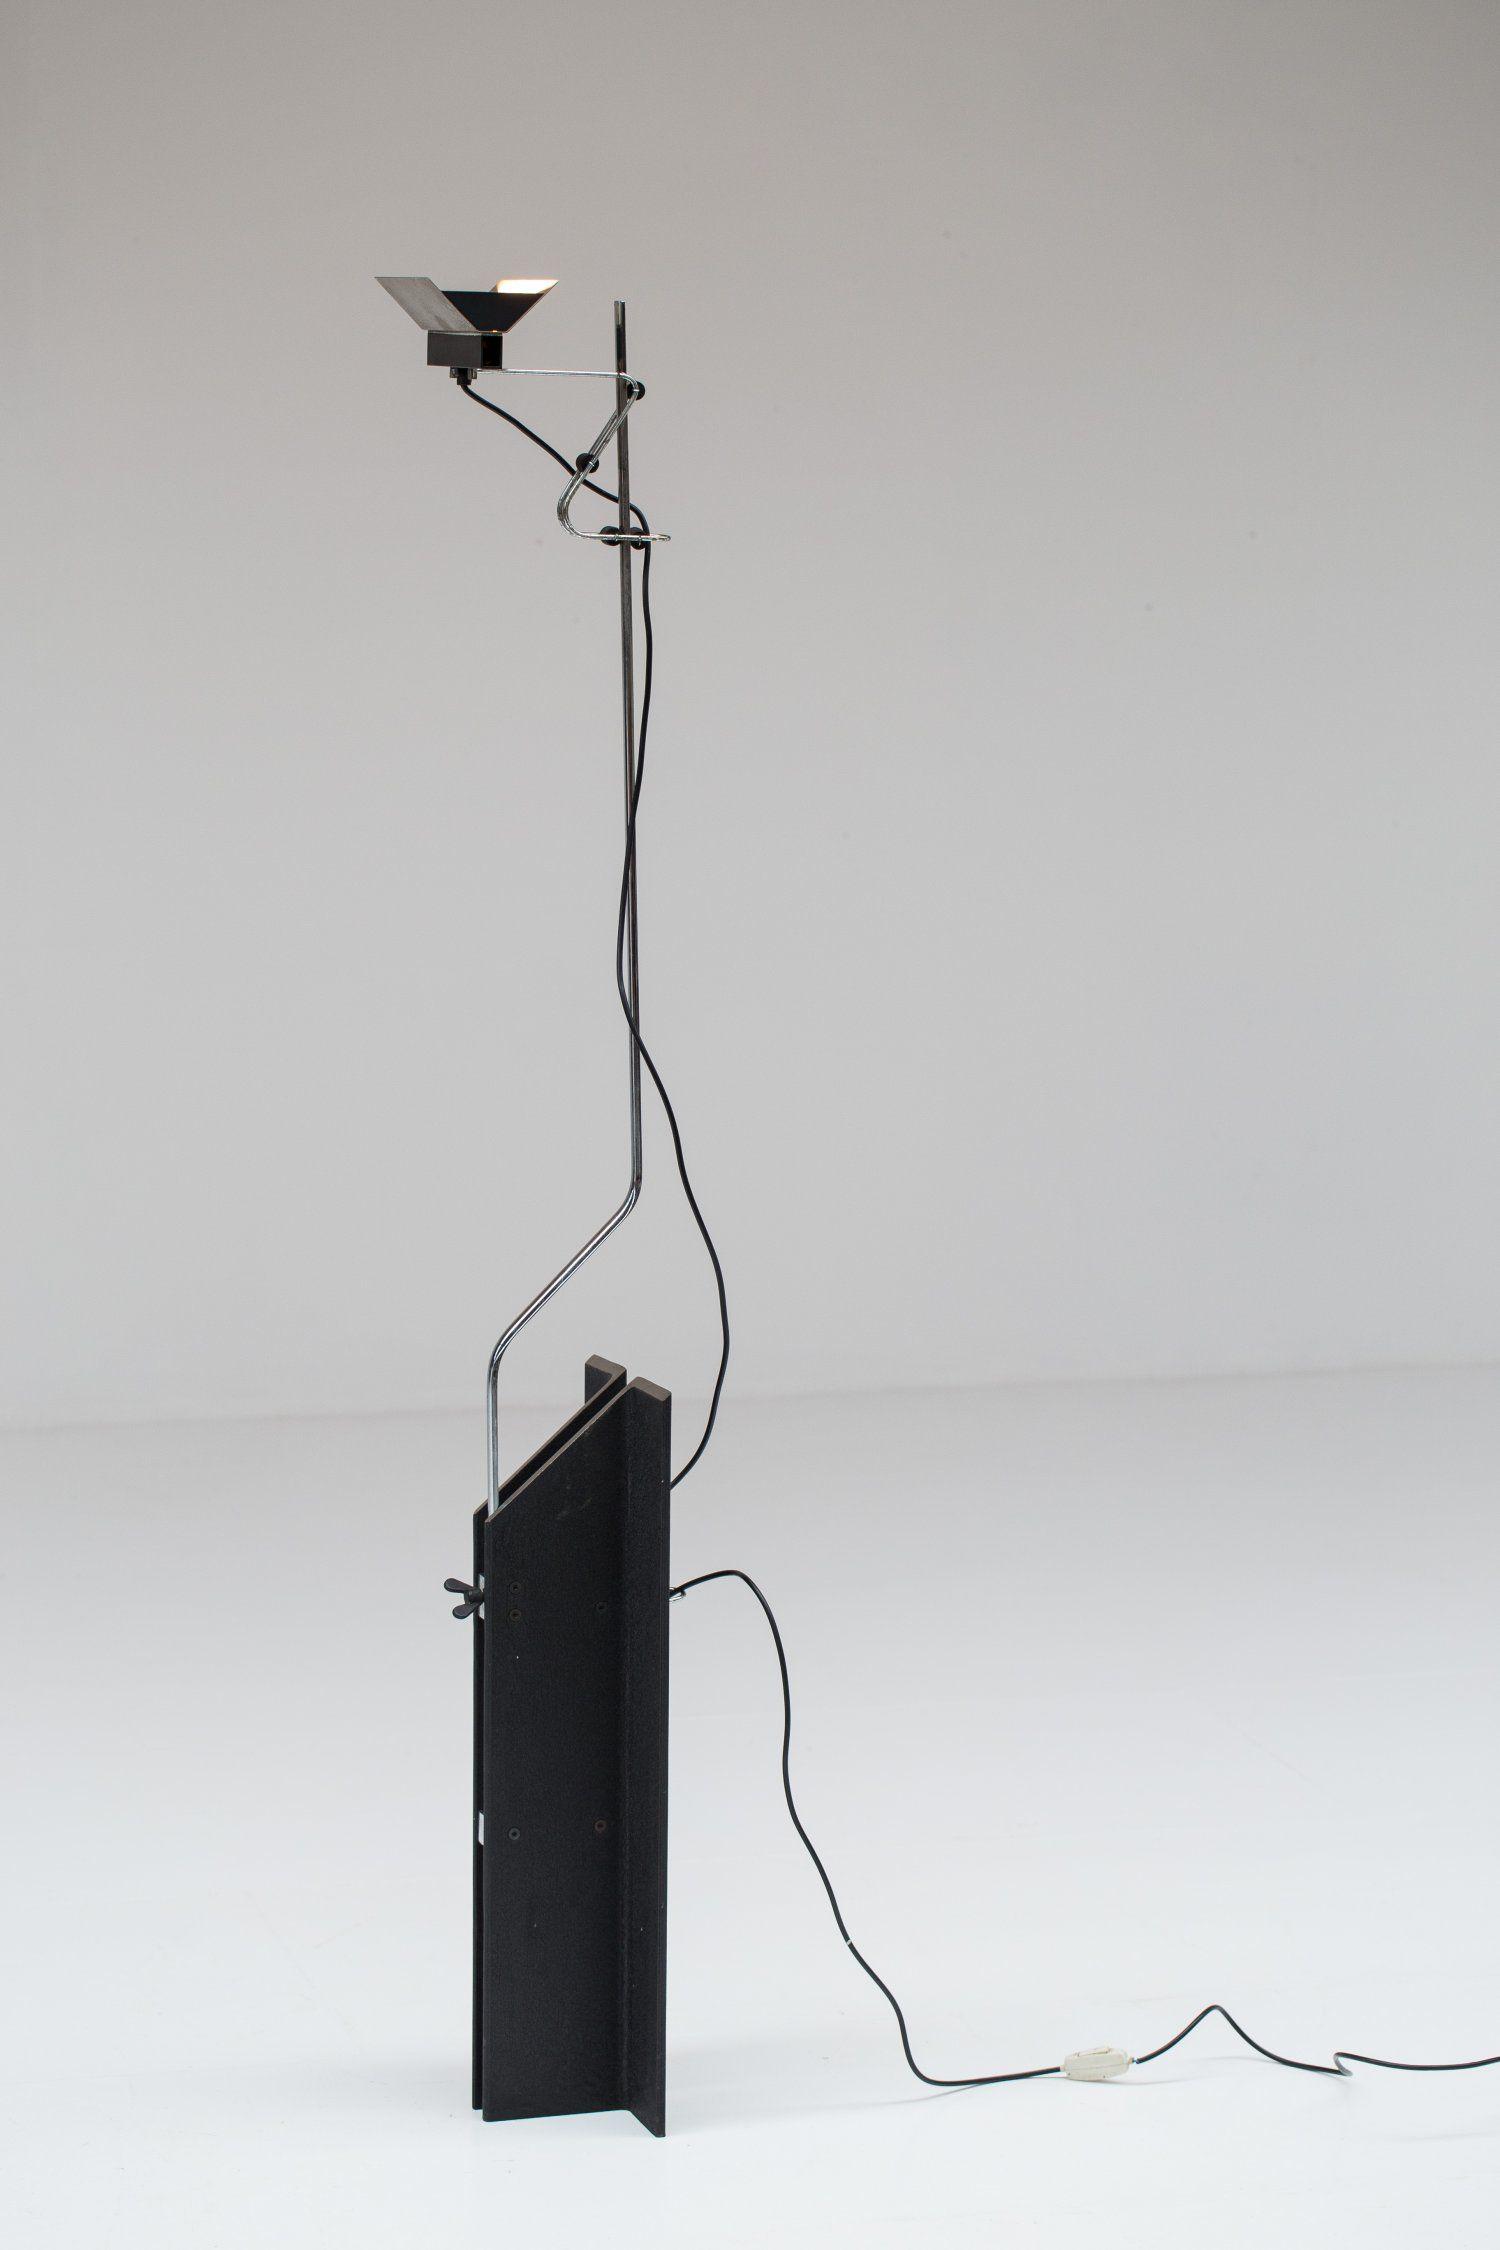 medium resolution of rare floor lamp design ennio chiggio 1968